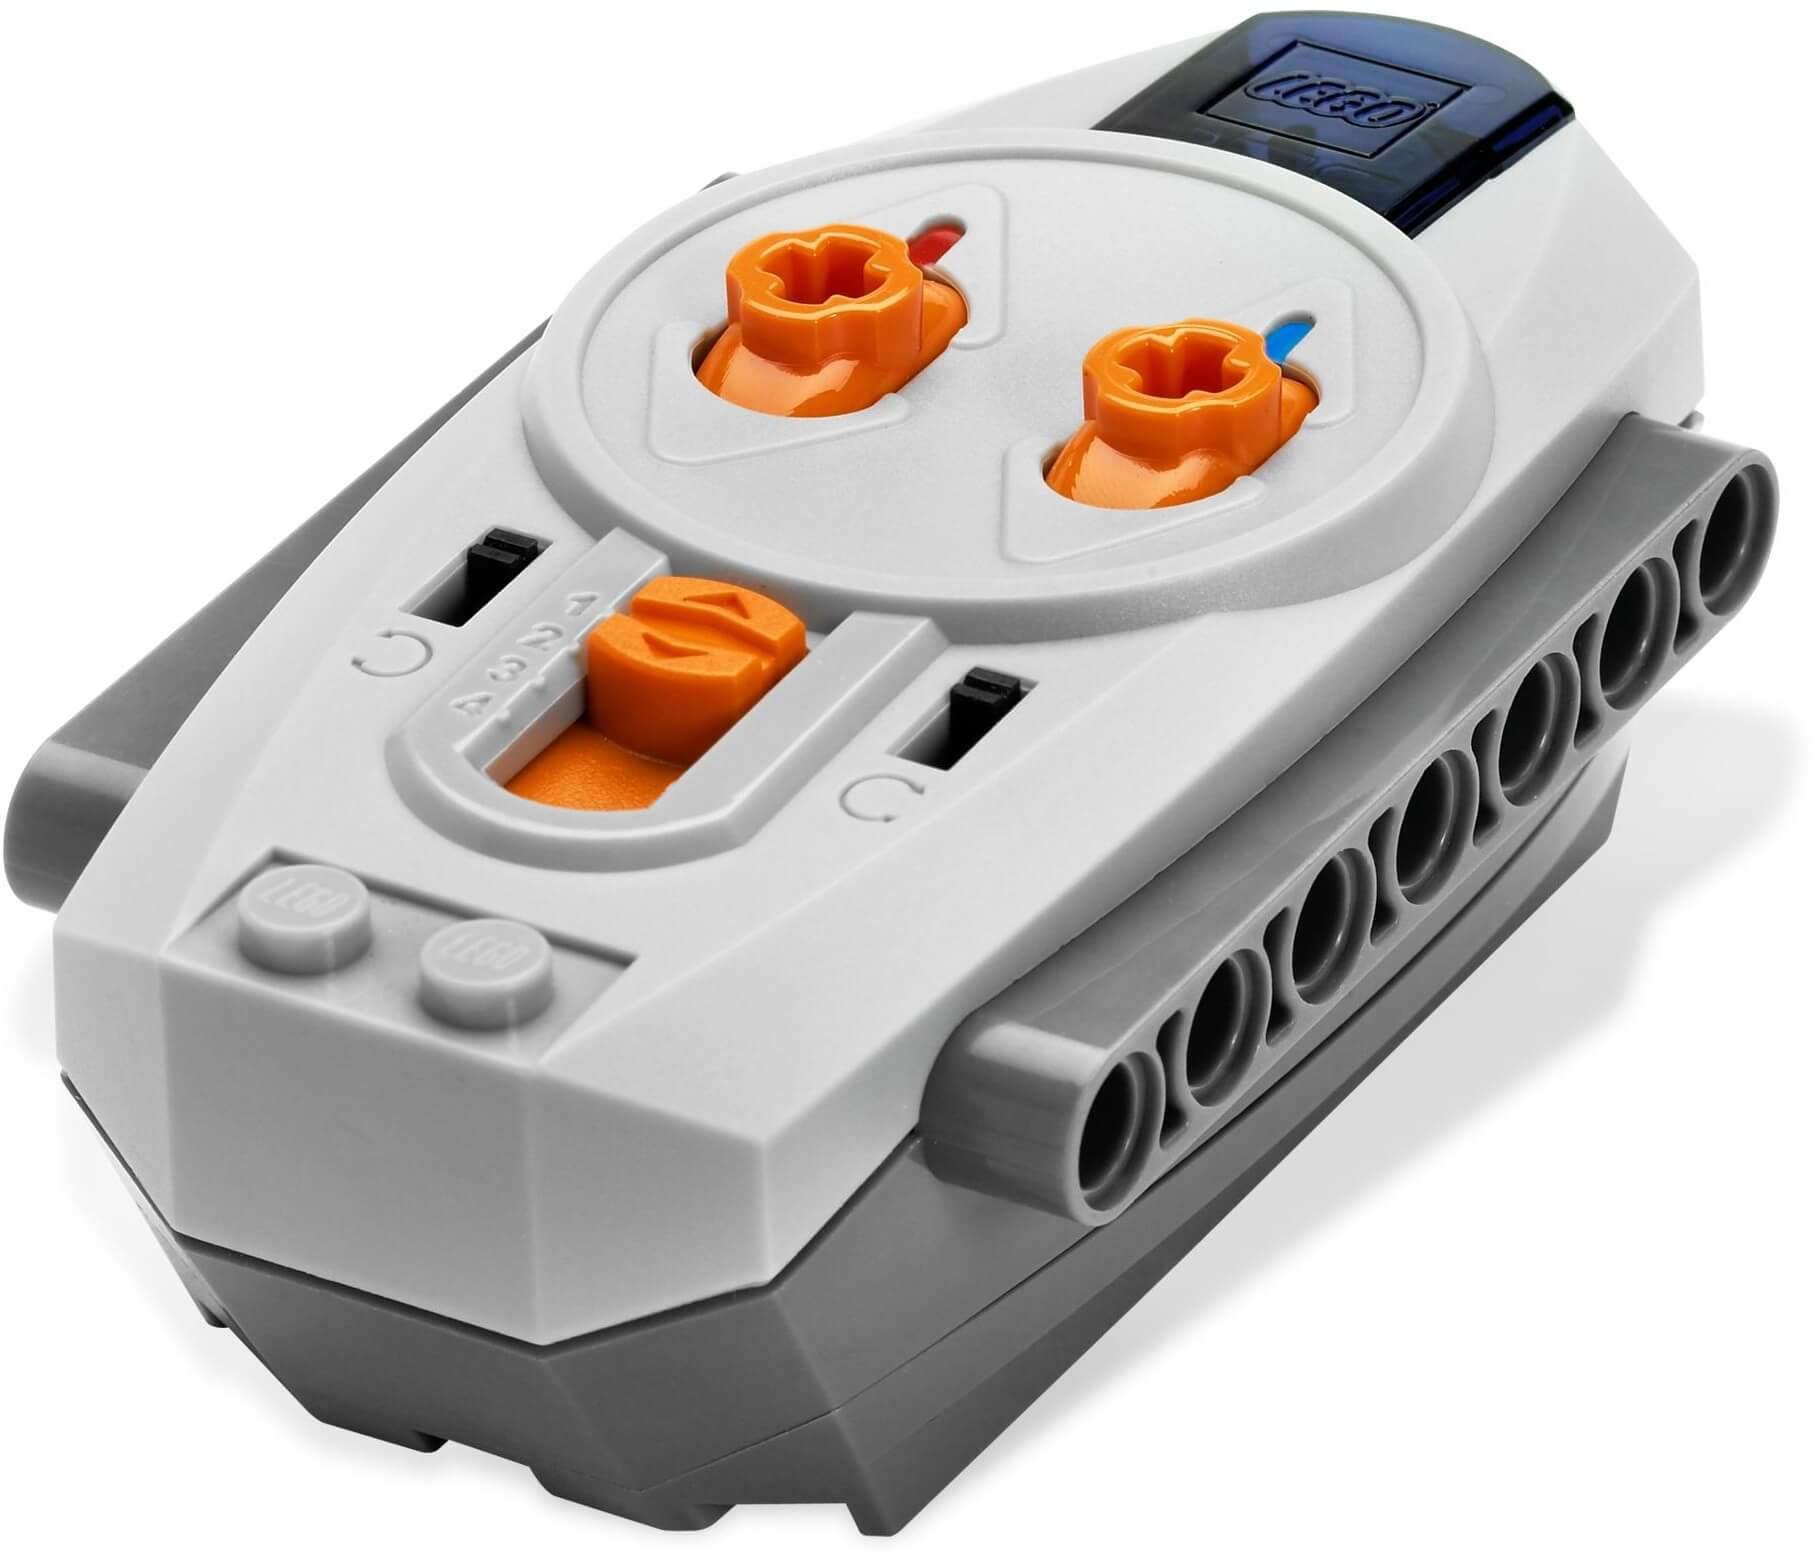 Mua đồ chơi LEGO 8885 - LEGO Power Functions 8885 - Remote điều khiển từ xa (LEGO Power Functions IR Remote Control 8885)